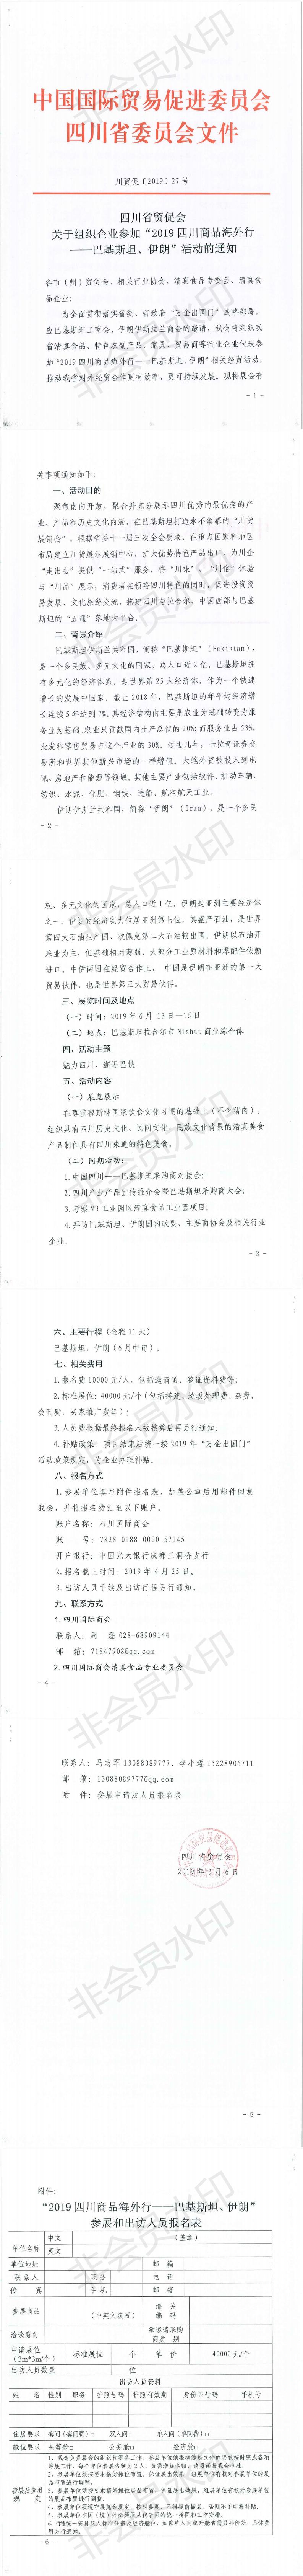 """""""巴基斯坦""""—四川商品海内行""""告诉_0"""